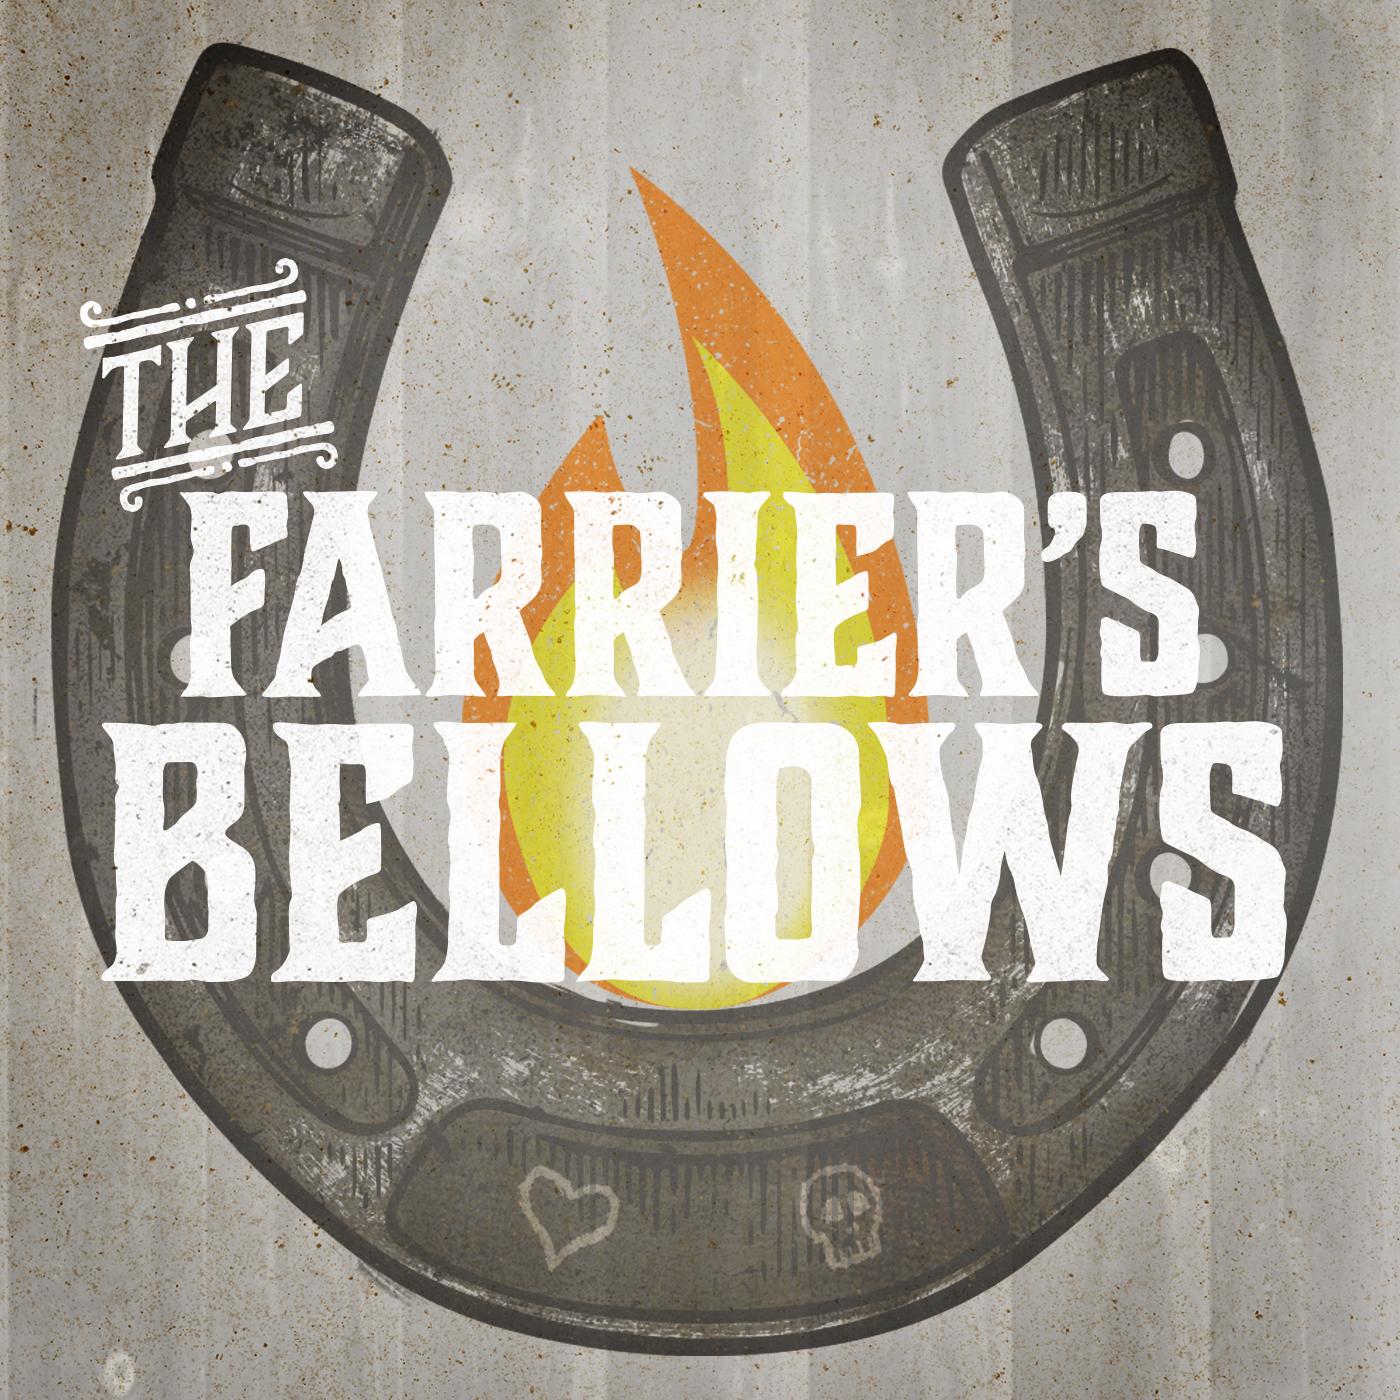 The Farrier's Bellows show art